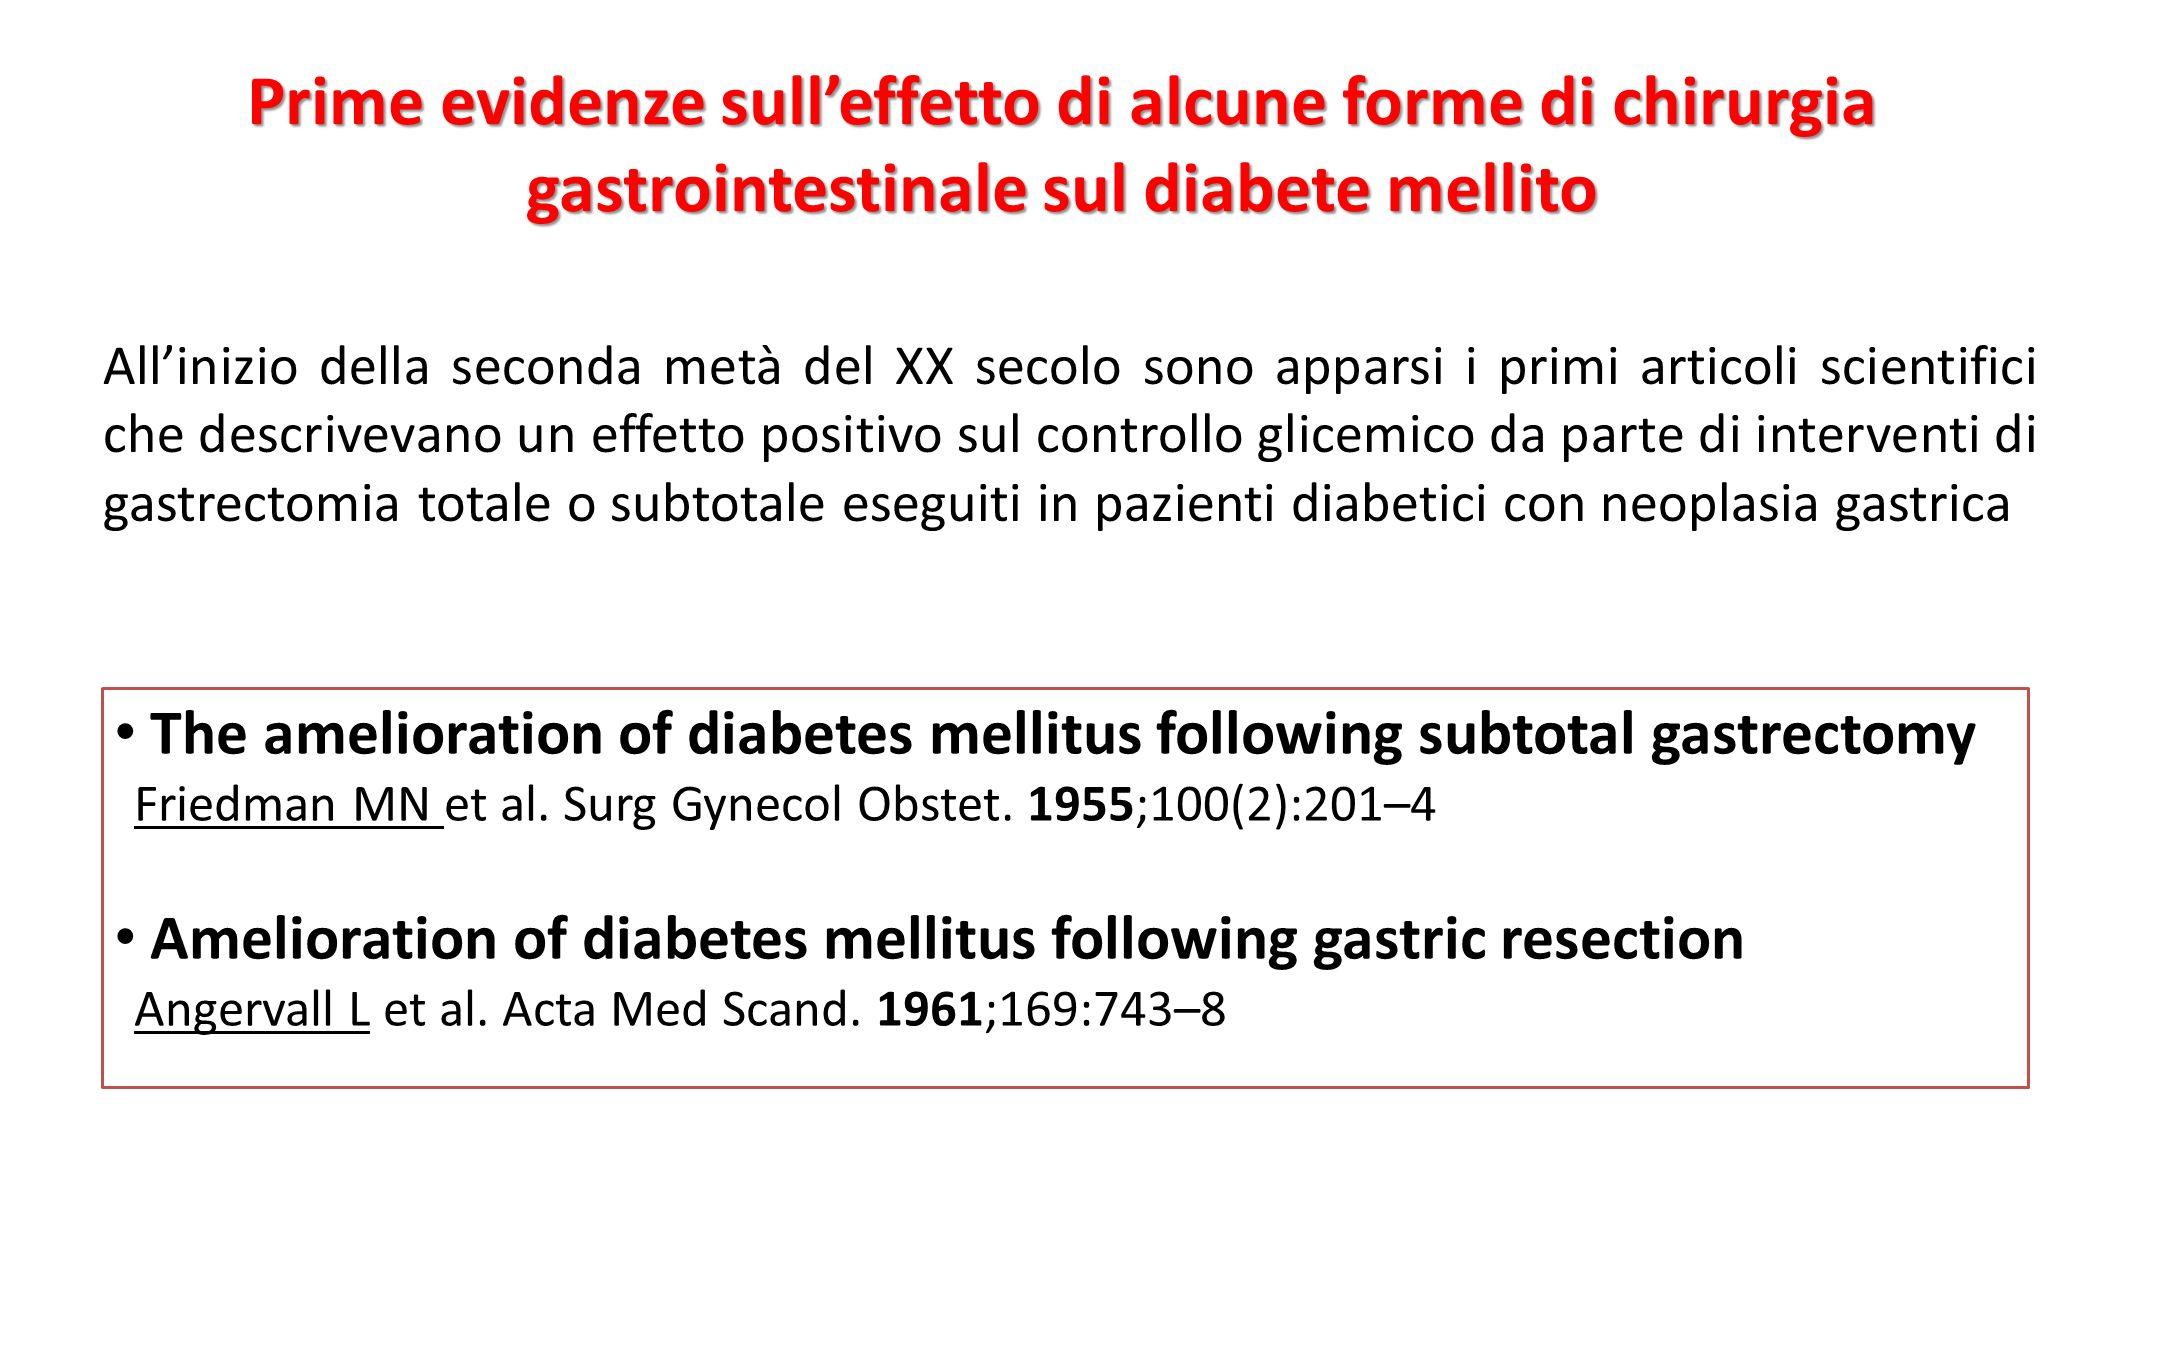 All'inizio della seconda metà del XX secolo sono apparsi i primi articoli scientifici che descrivevano un effetto positivo sul controllo glicemico da